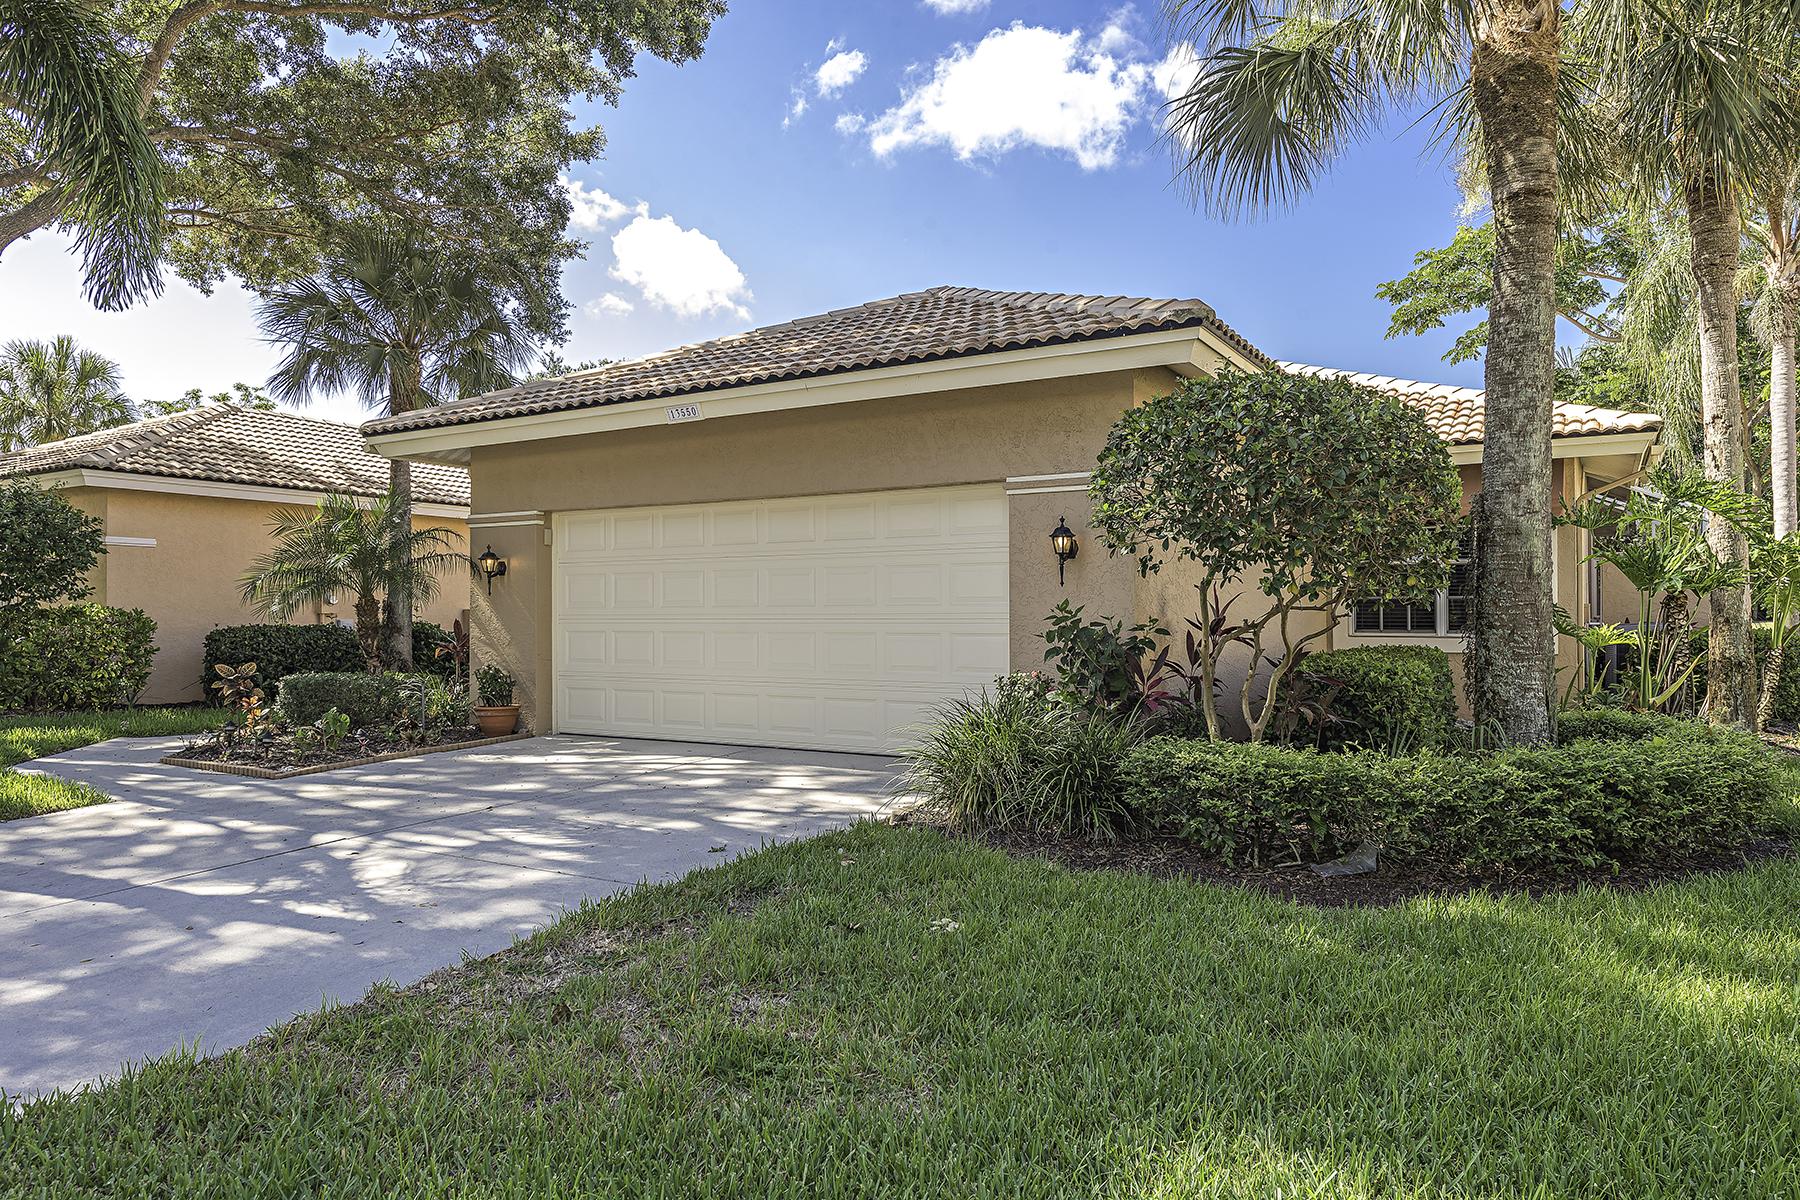 Casa para uma família para Venda às WORTHINGTON 13550 Southampton Dr Bonita Springs, Florida, 34135 Estados Unidos